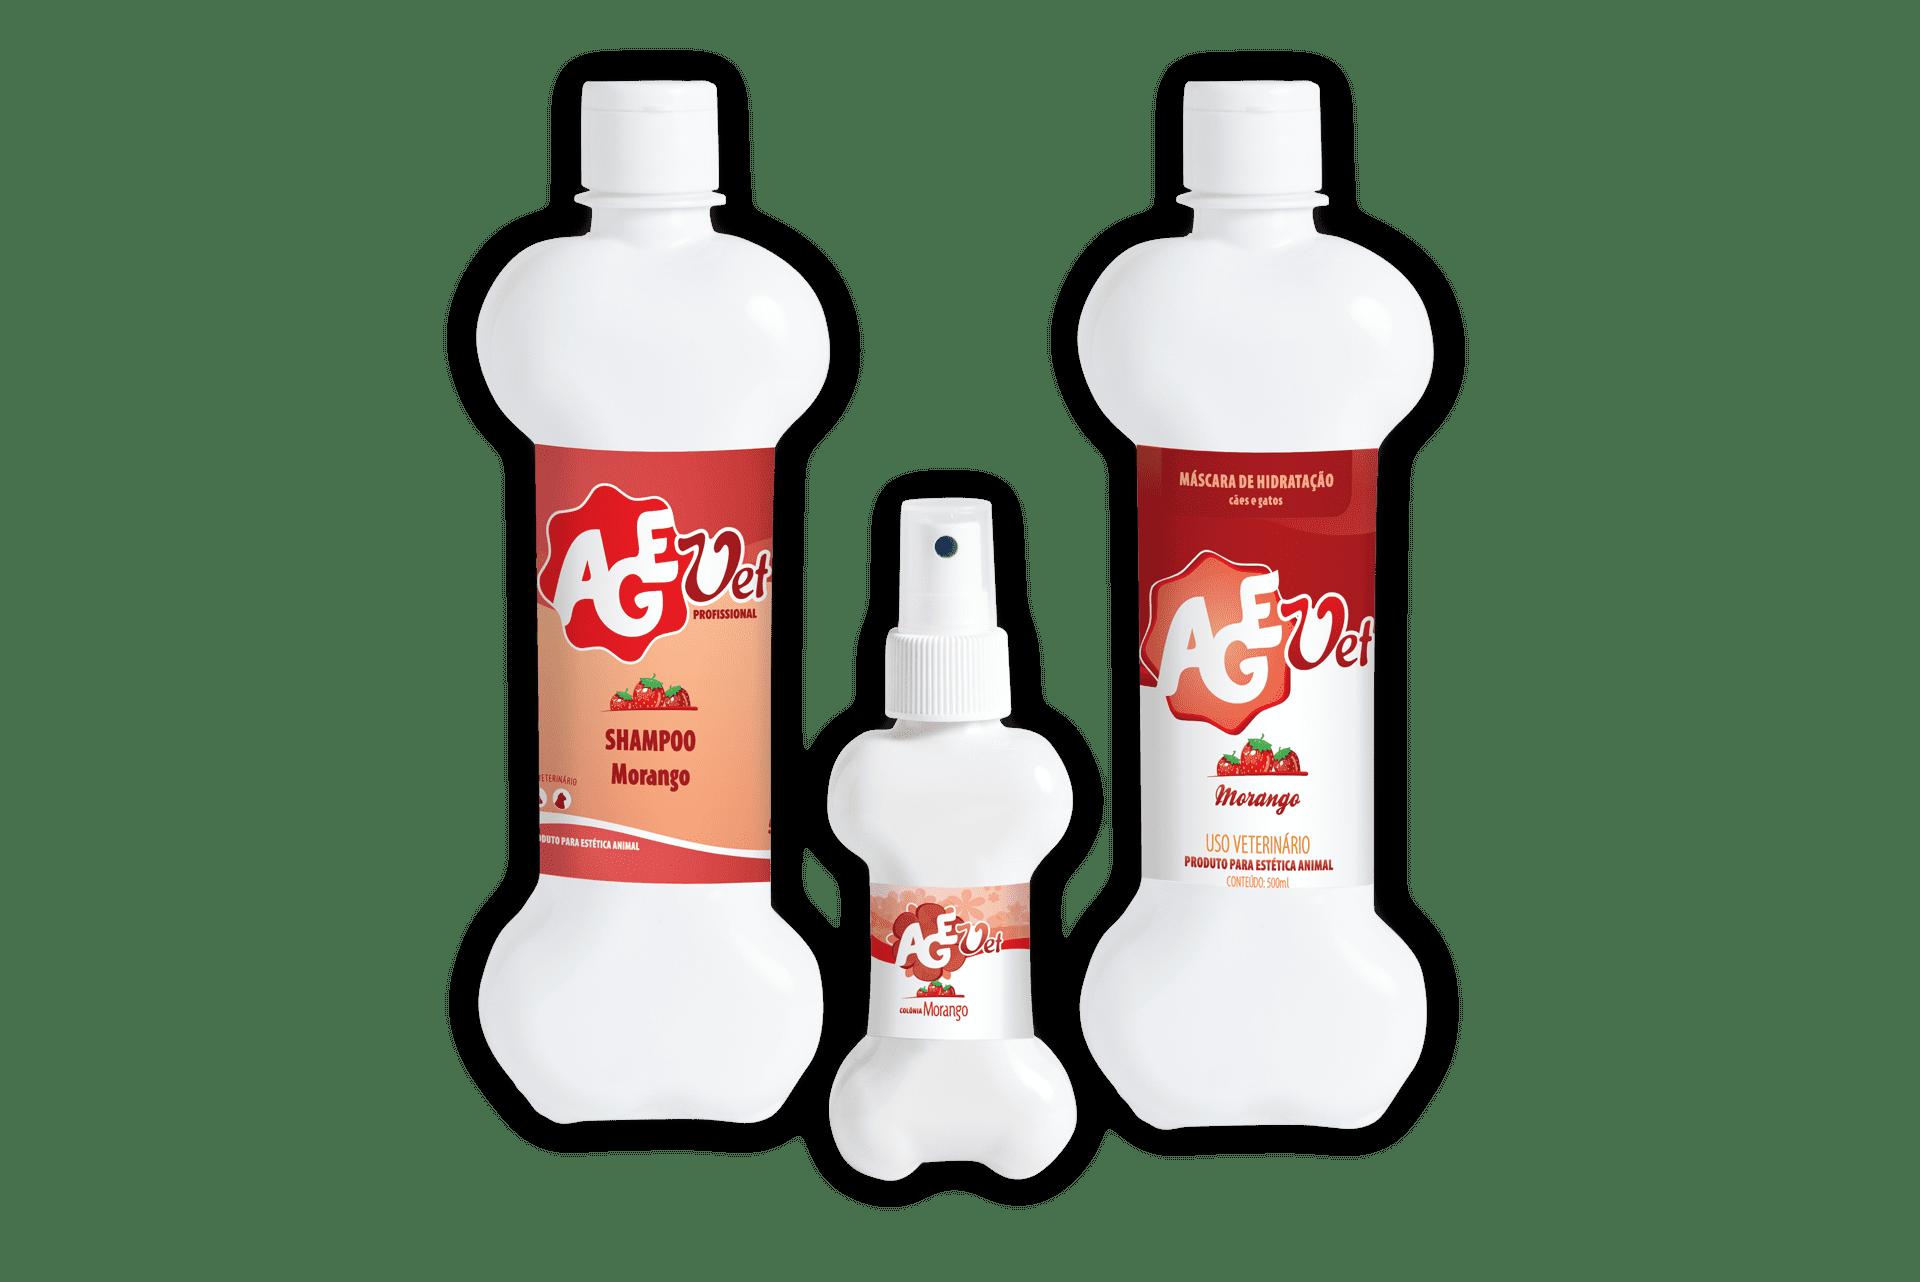 Foto do produto Kit de Hidratação de Morango para visualização